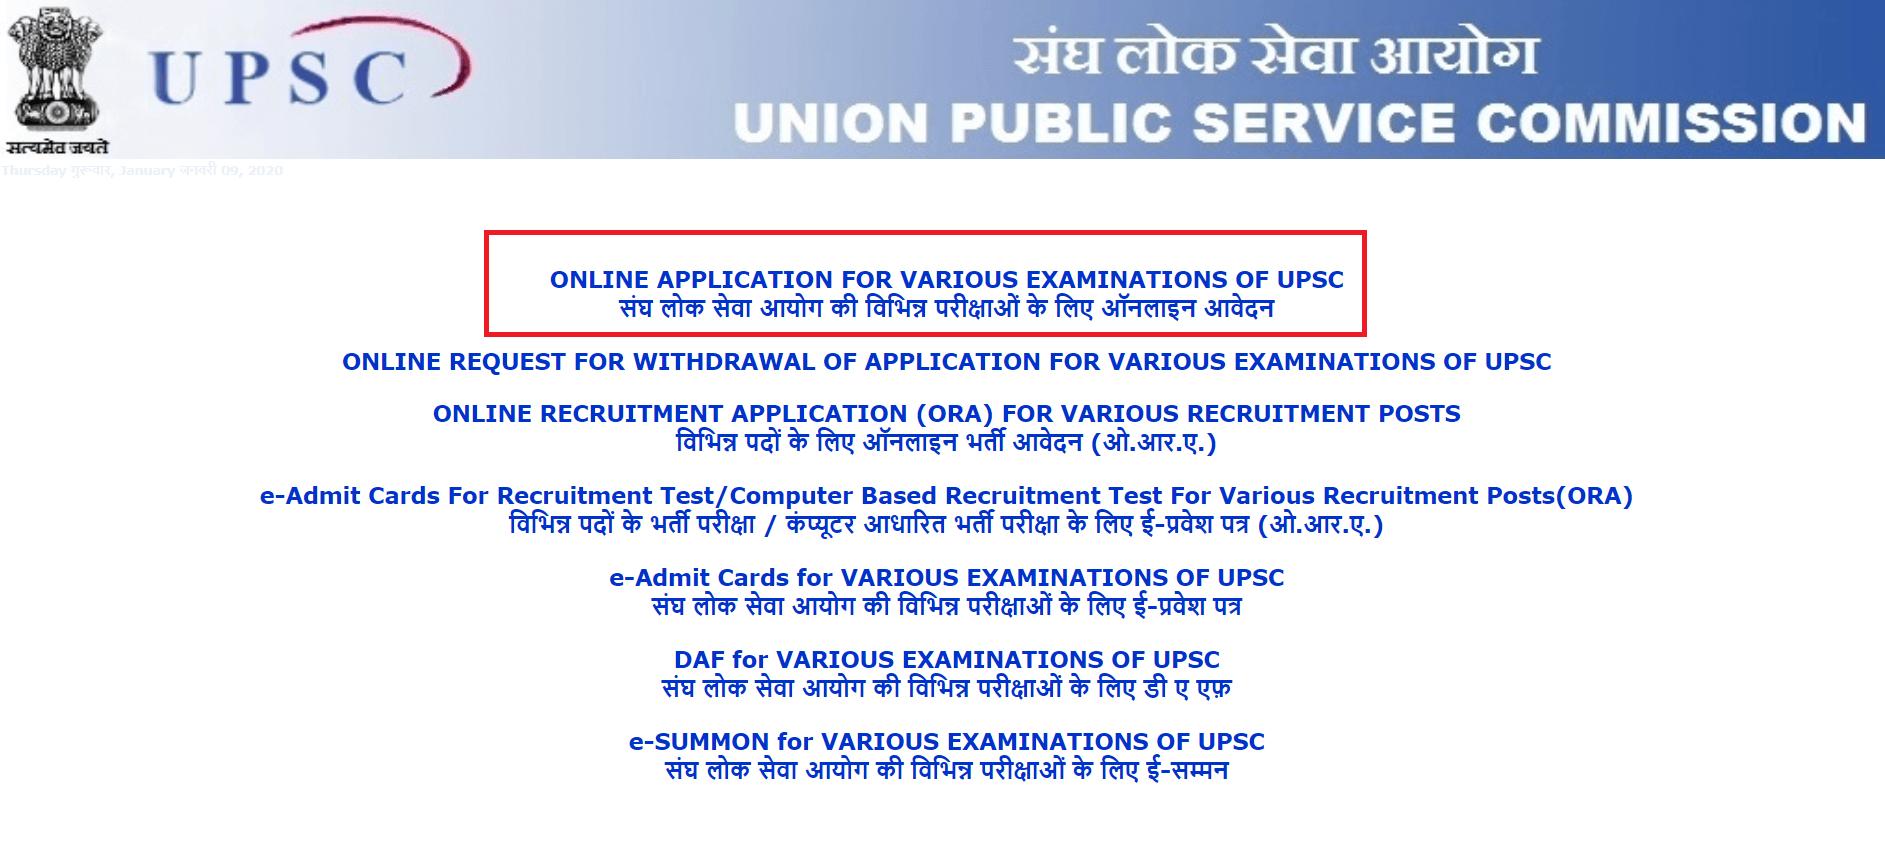 UPSC Portal